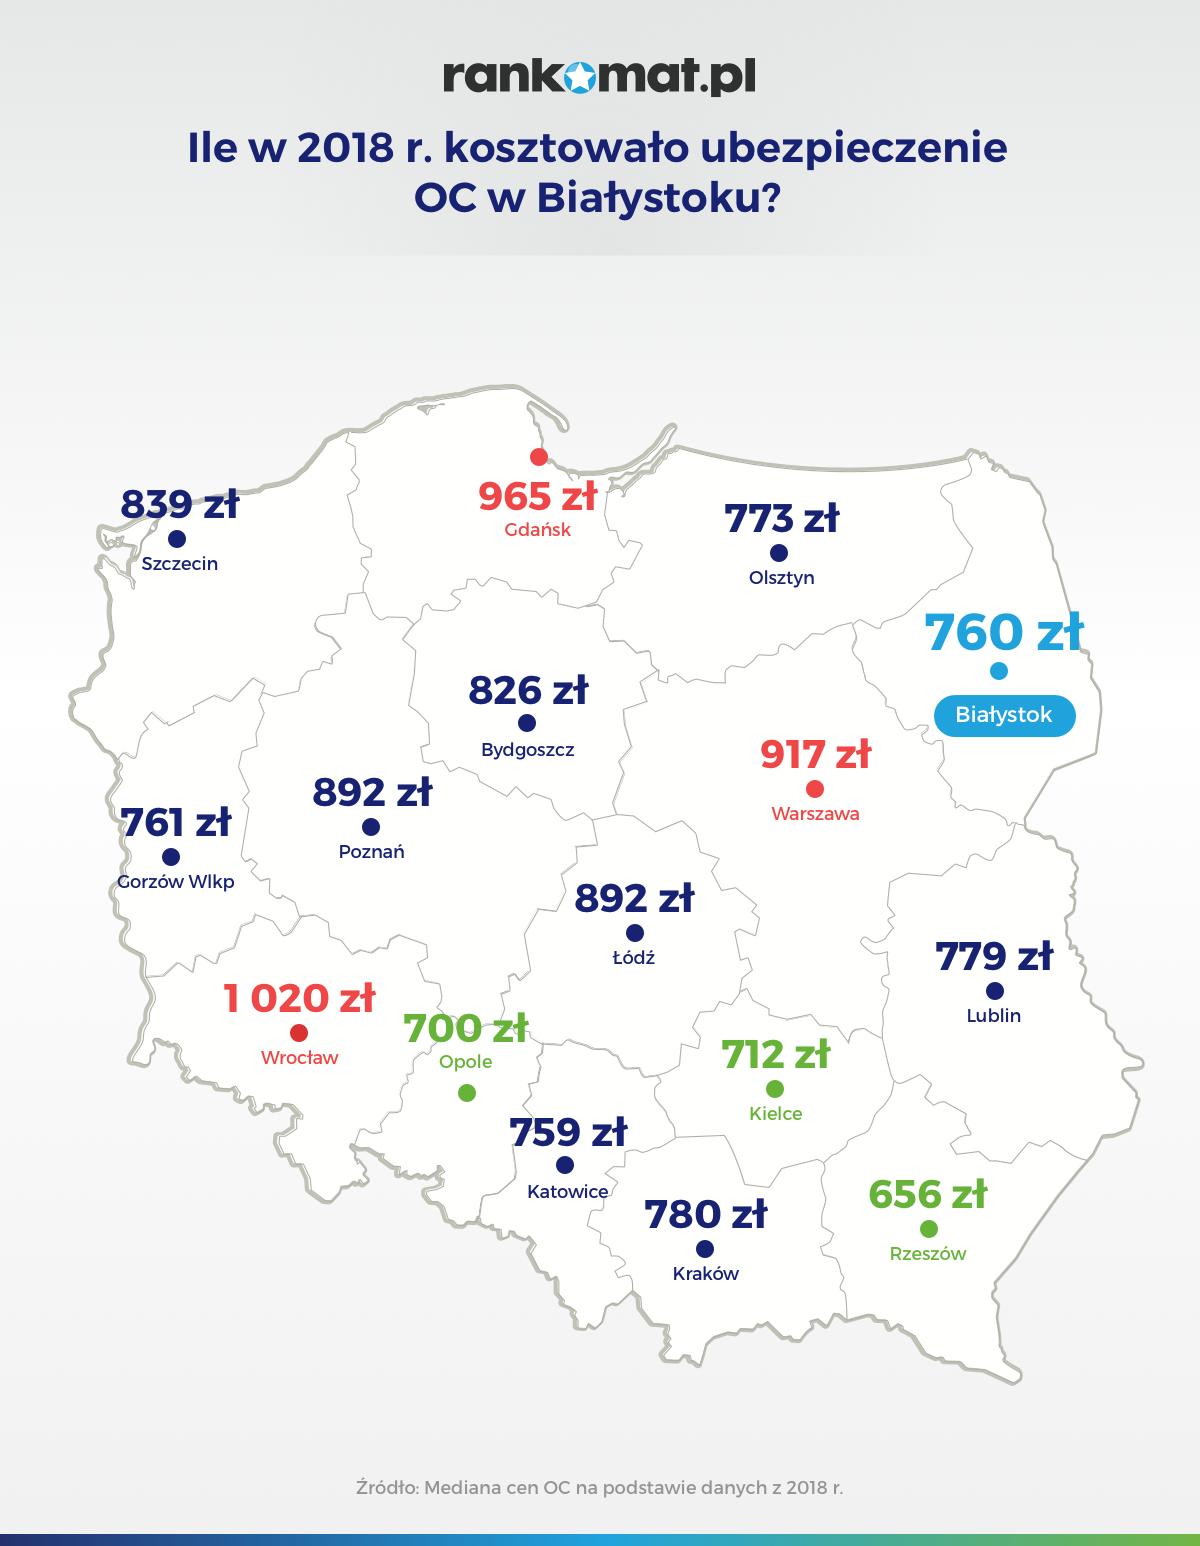 C:\Users\astefanska\Desktop\PR\Akcja regionalna podsumowanie 2018 r\Białystok\Białystok.png